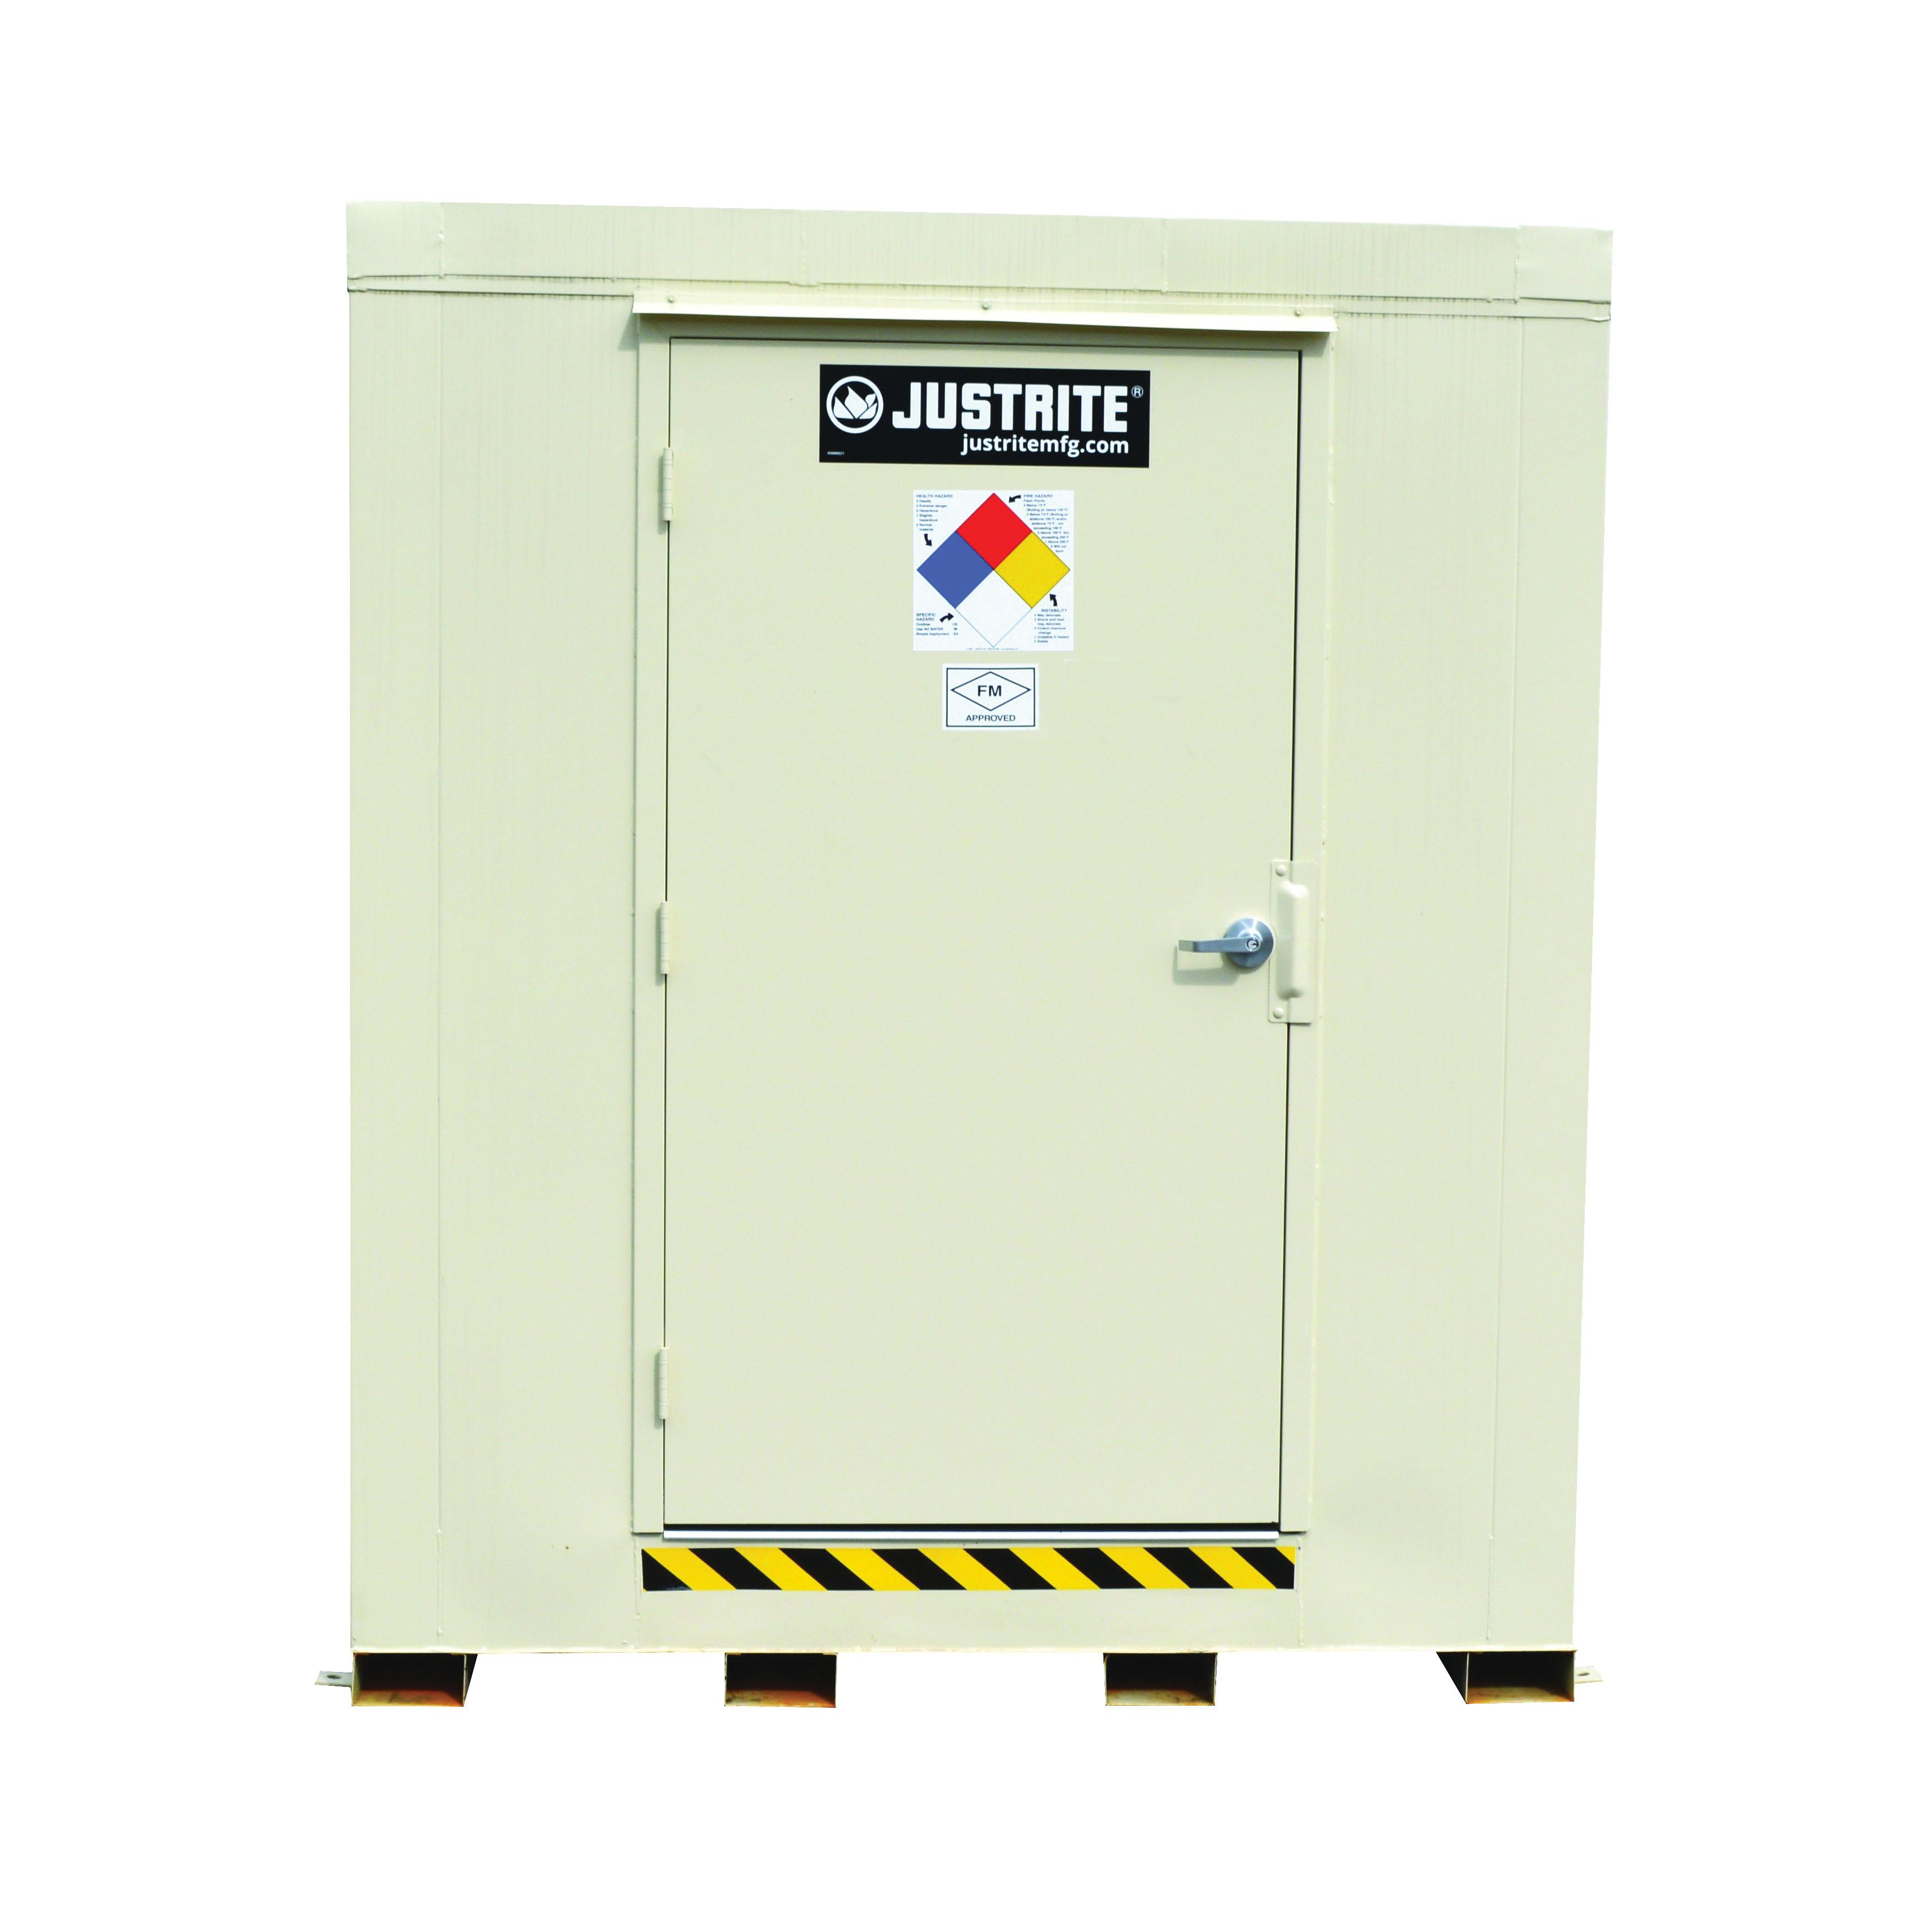 Justrite® 912161 Outdoor Safety Locker, 2 hr Fire Rating, 97 in H x 112 in W x 112 in D, Fire-Rated Door, 1 Doors, Heavy Gauge Steel, Bone